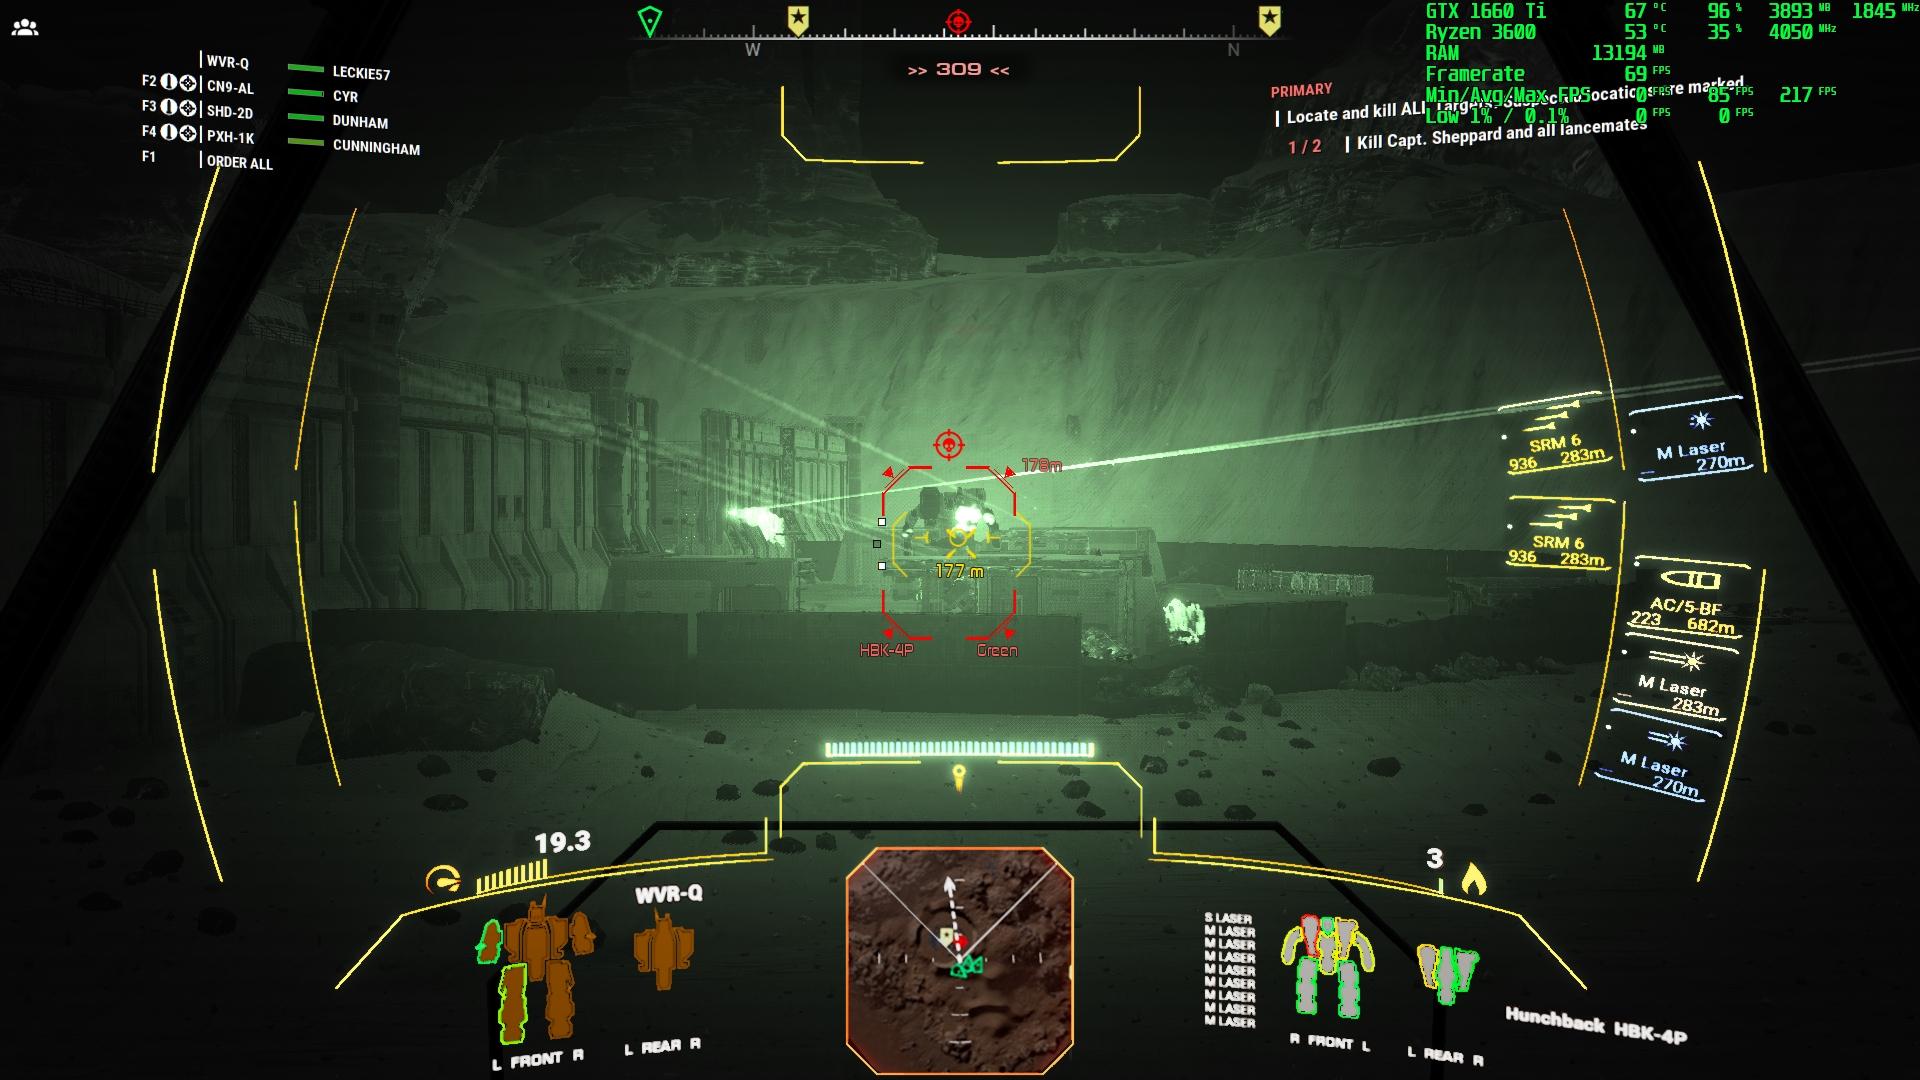 MechWarrior-Win64-Shipping_2020_05_13_22_19_15_182.jpg